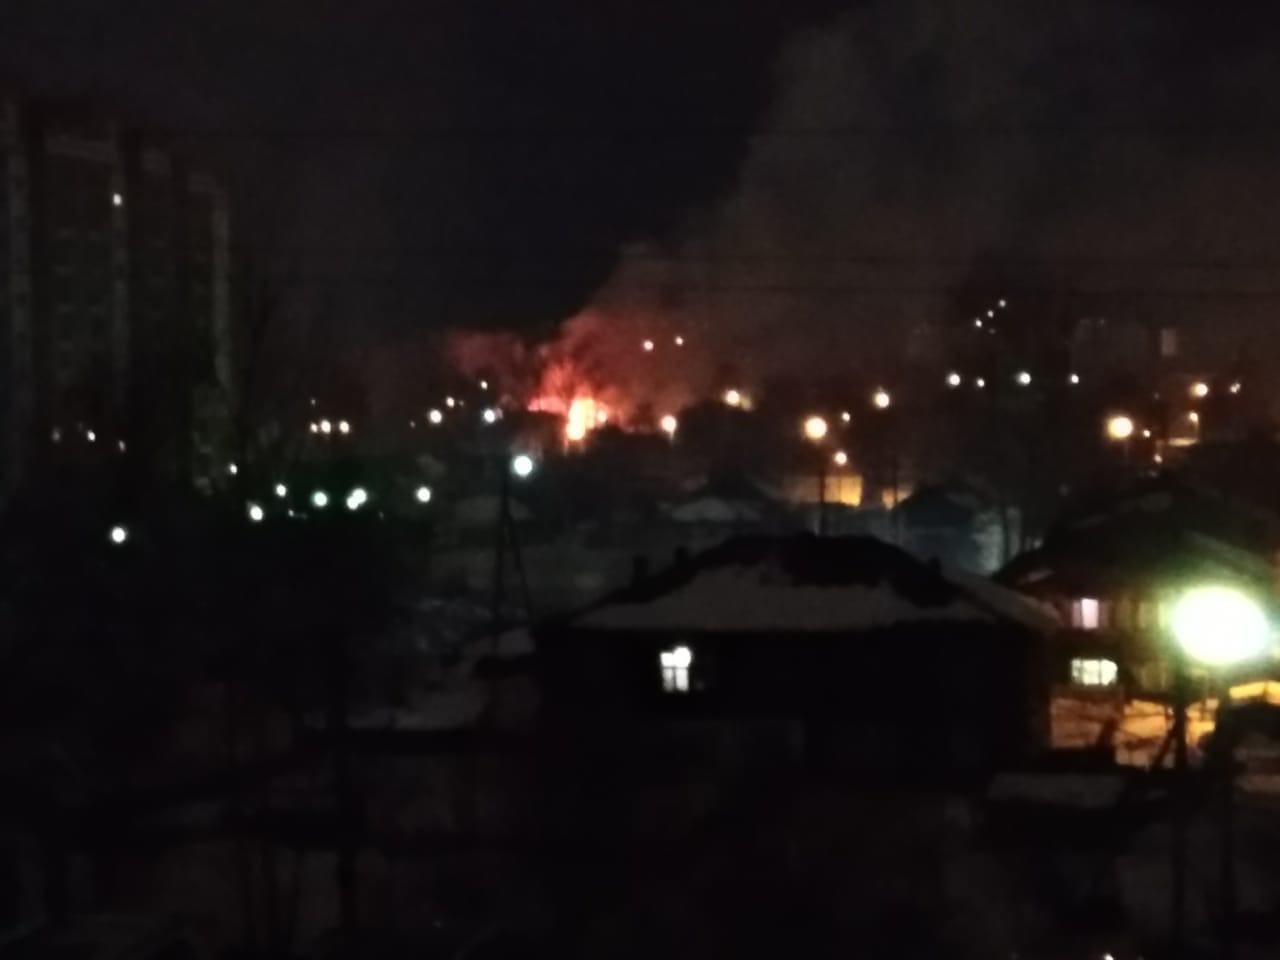 Сразу два дома сгорели ночью на Большой Подгорной в Томске